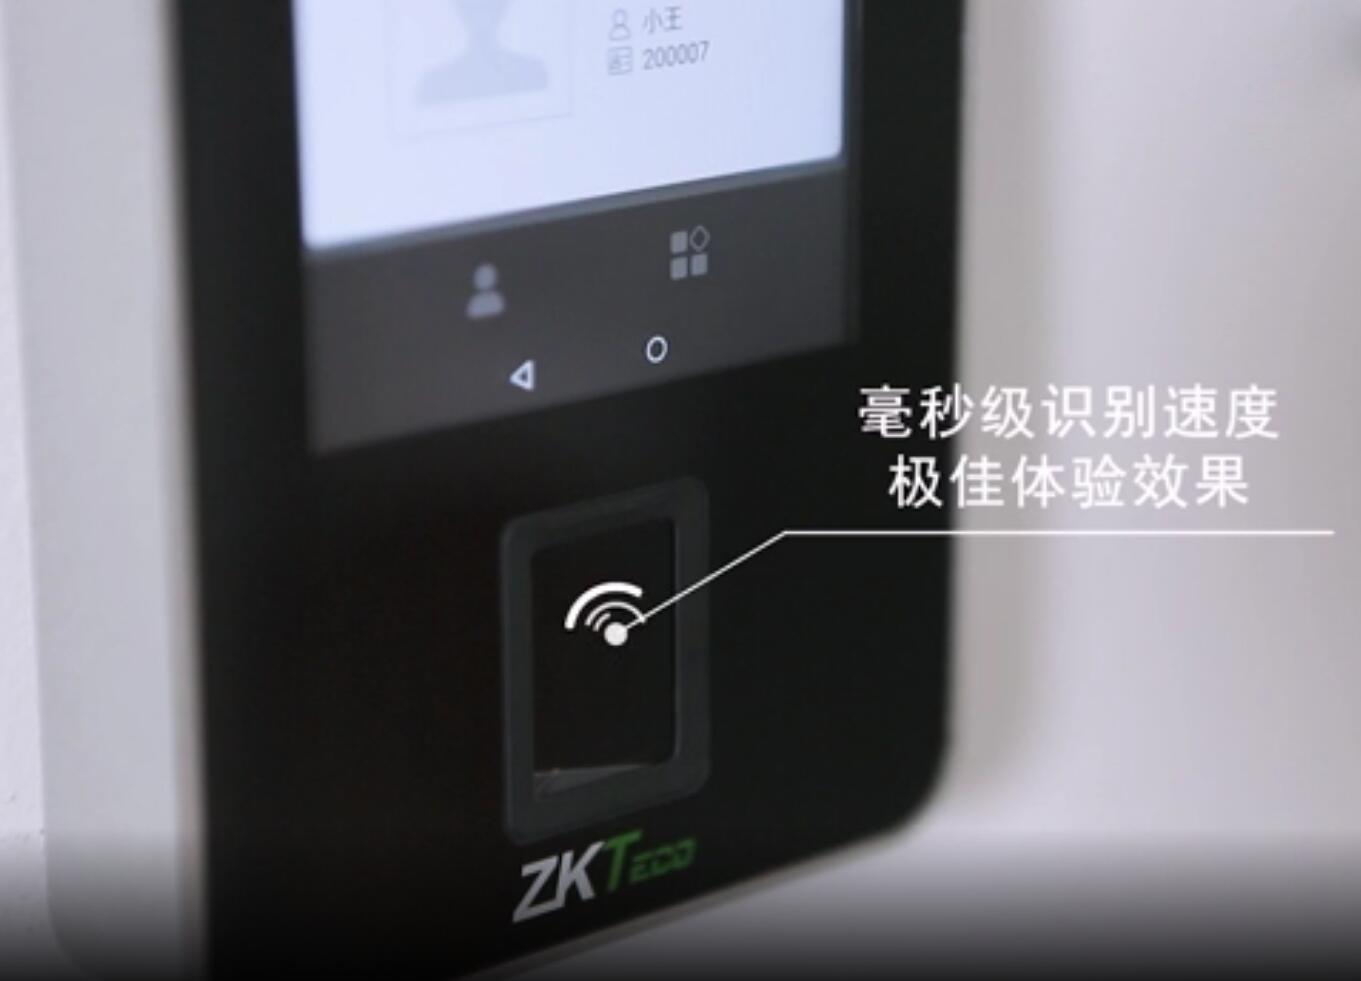 北京中控博业BioFace600多光谱智能人脸识别终端.jpg